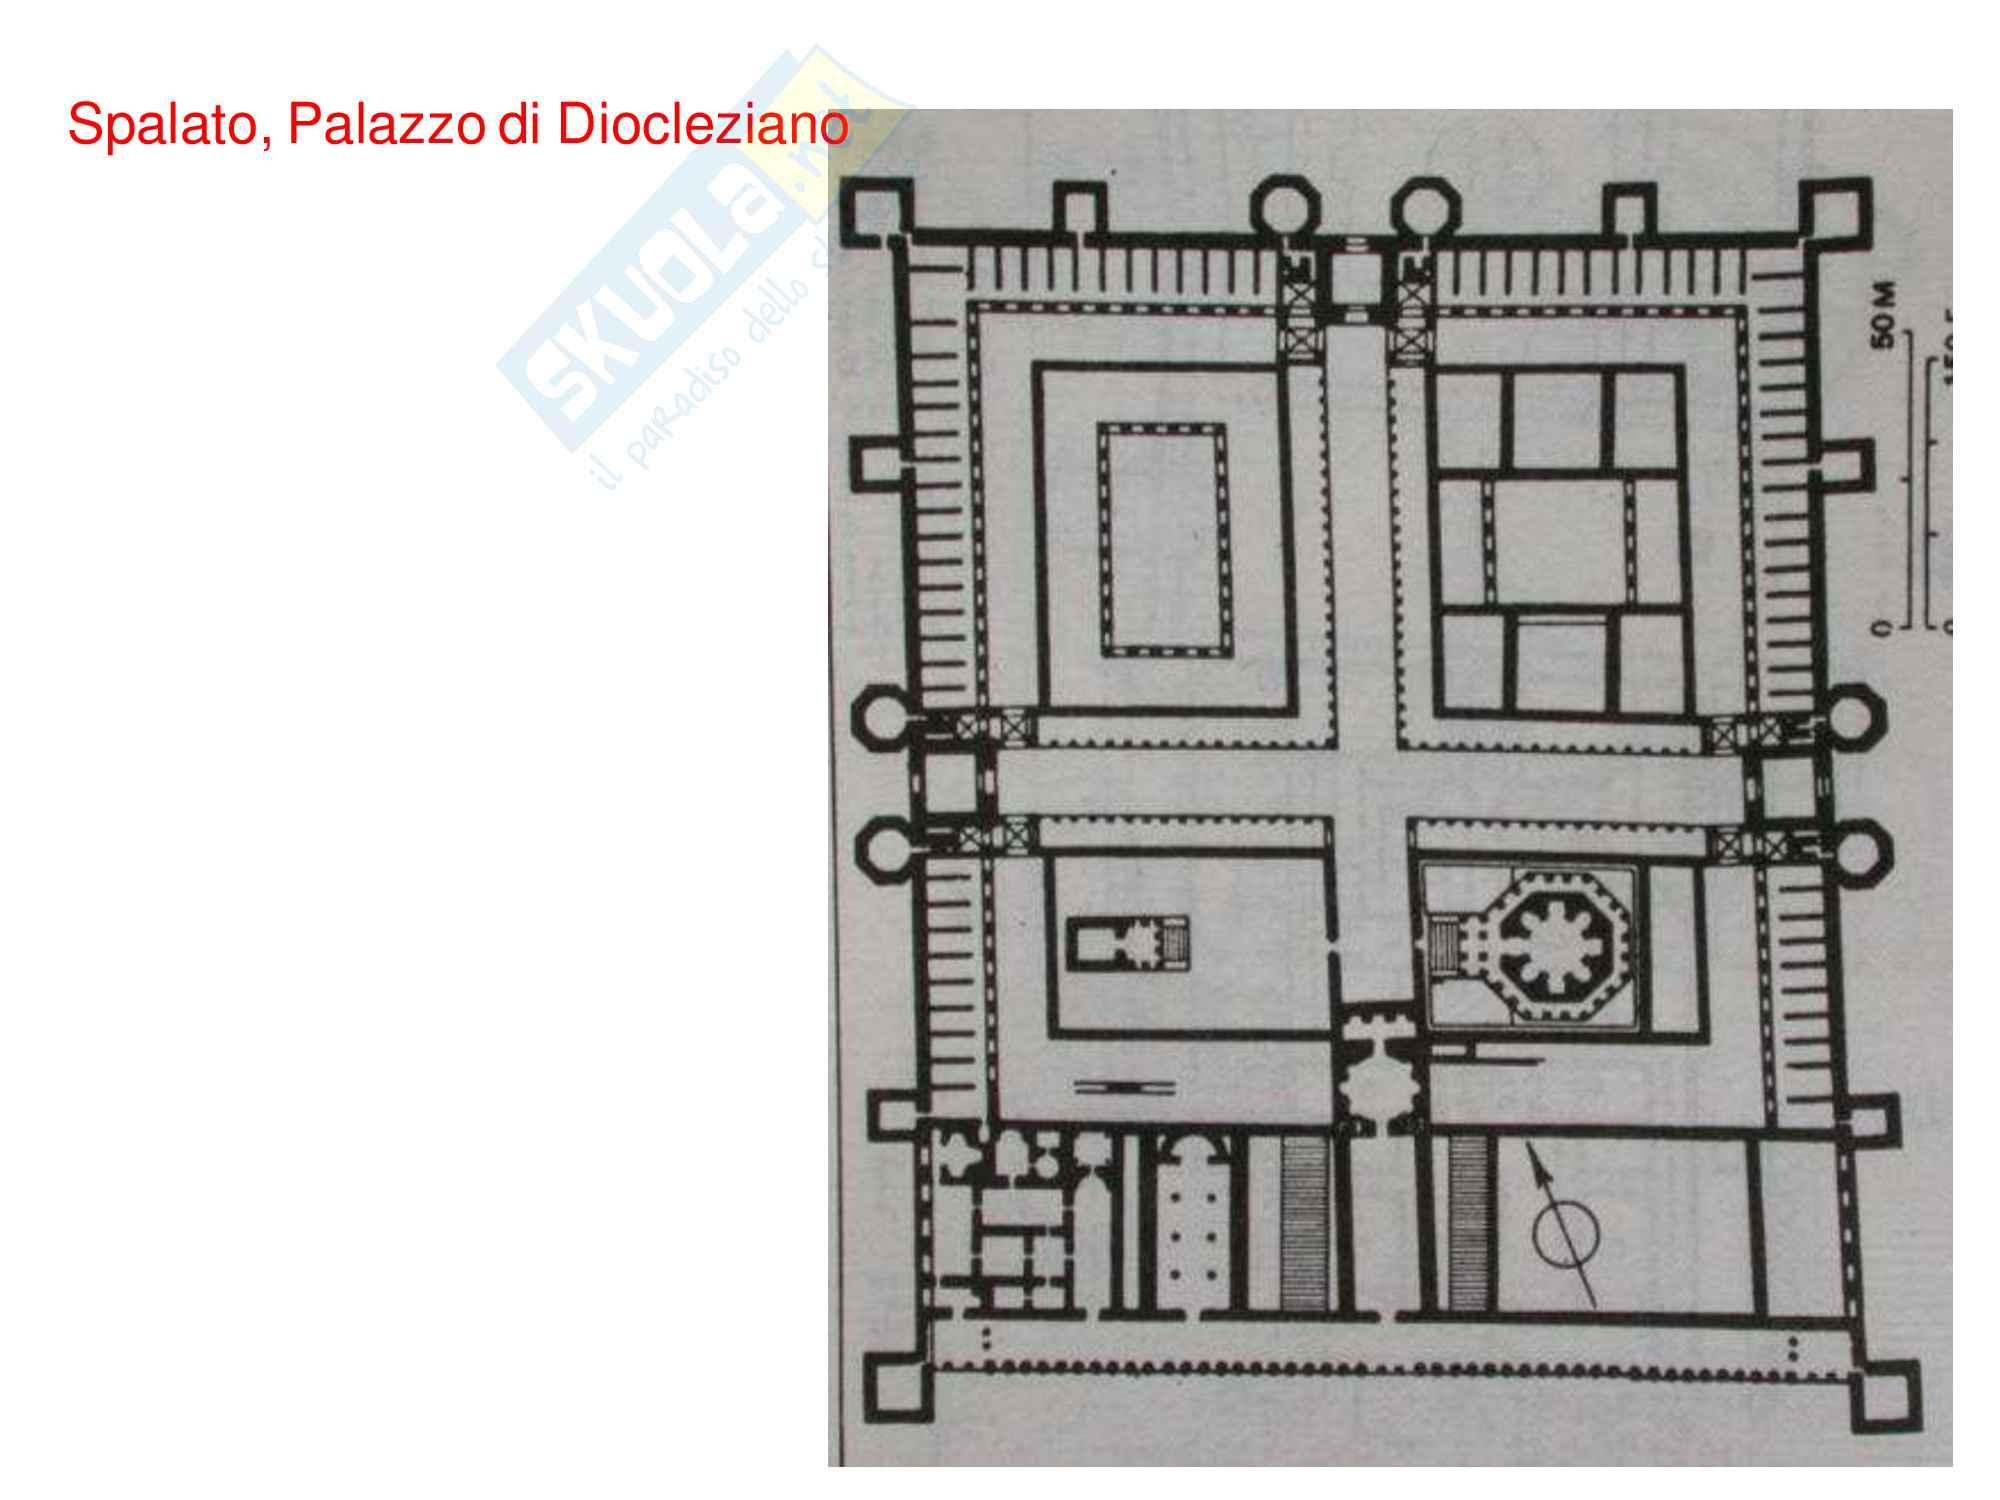 Storia dell'architettura e delle Tecniche Costruttive - Temi d'esame svolti Pag. 21